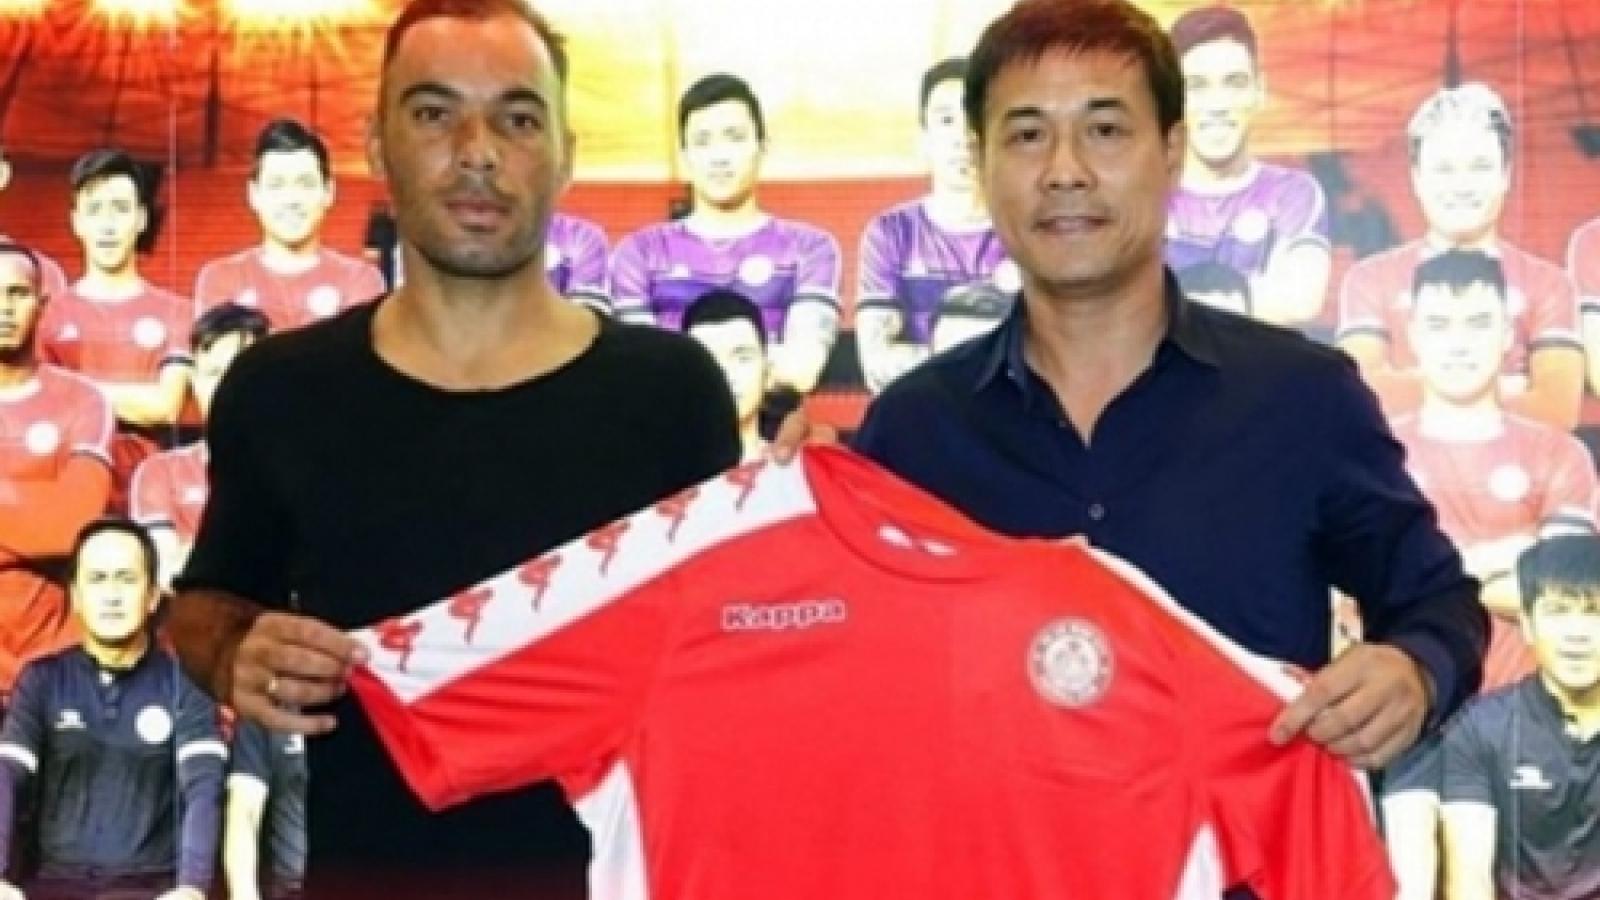 CLB TPHCM thanh lý hợp đồng với cầu thủ đắt giá nhất V-League 2020